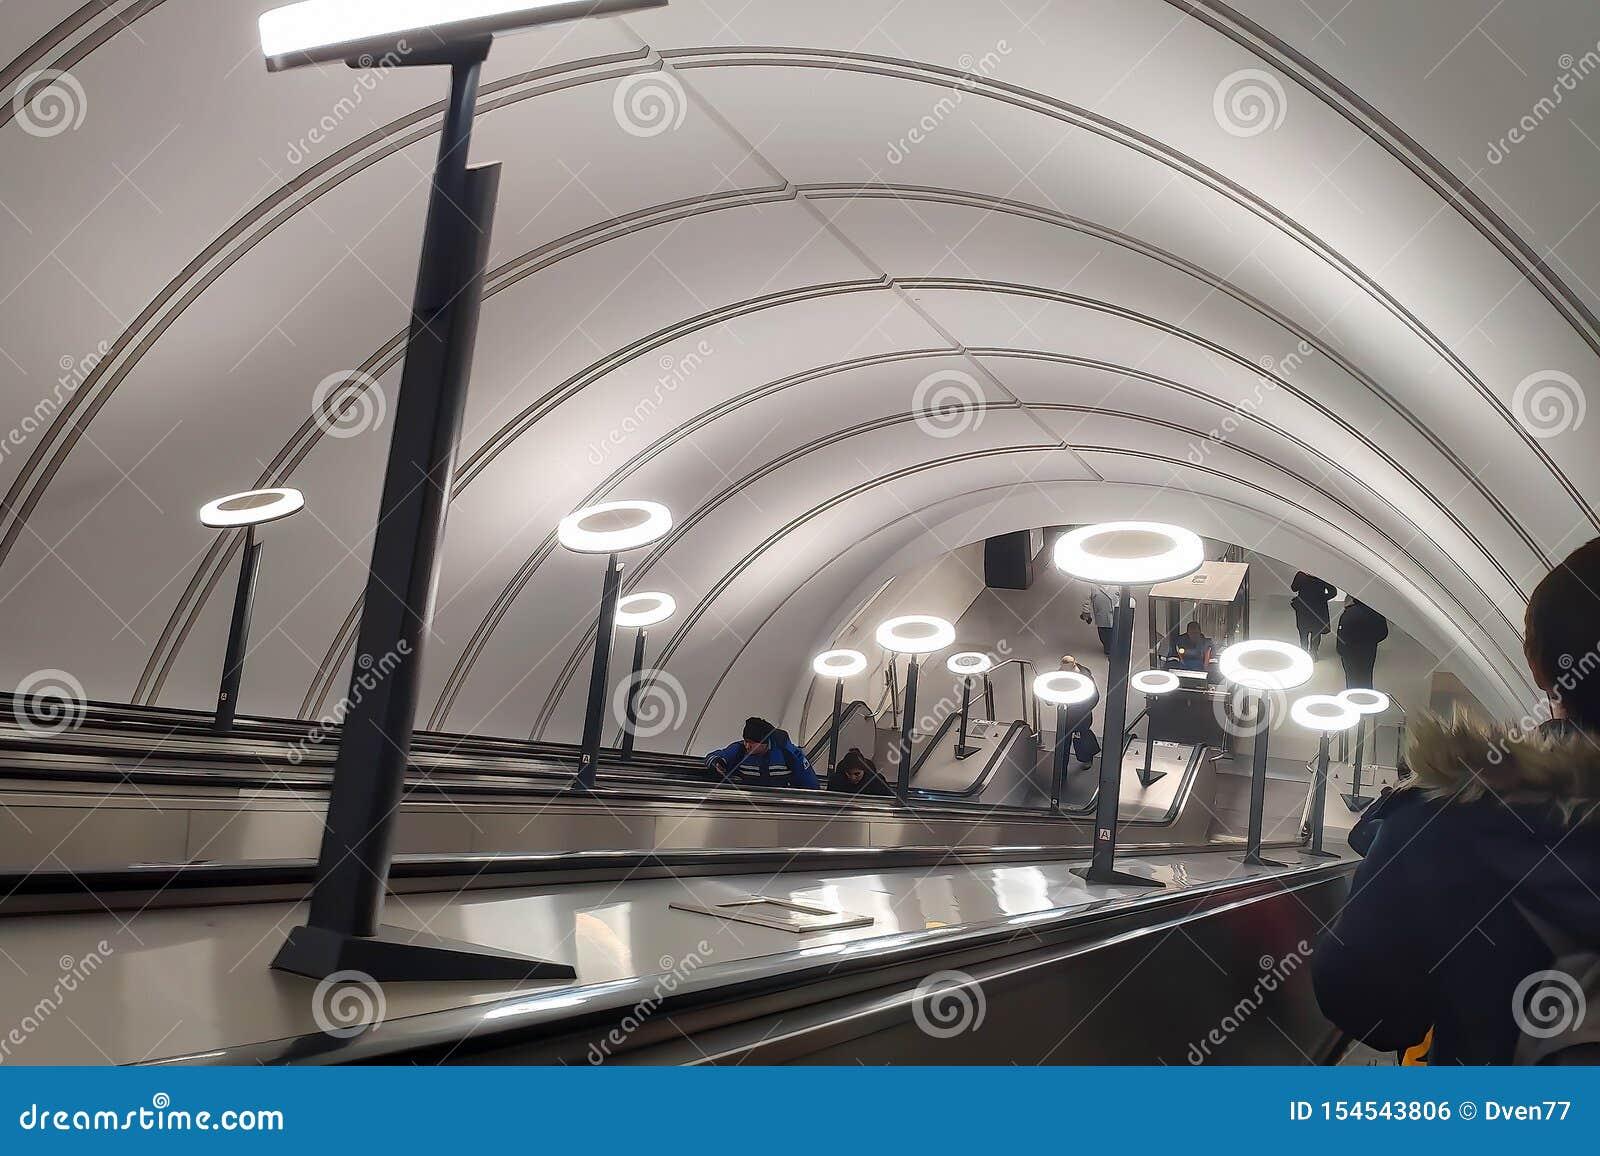 Mosca, Russia - 29 gennaio 2019: Plafoniere sulla discesa sulla scala mobile nella metropolitana Savelovskaya